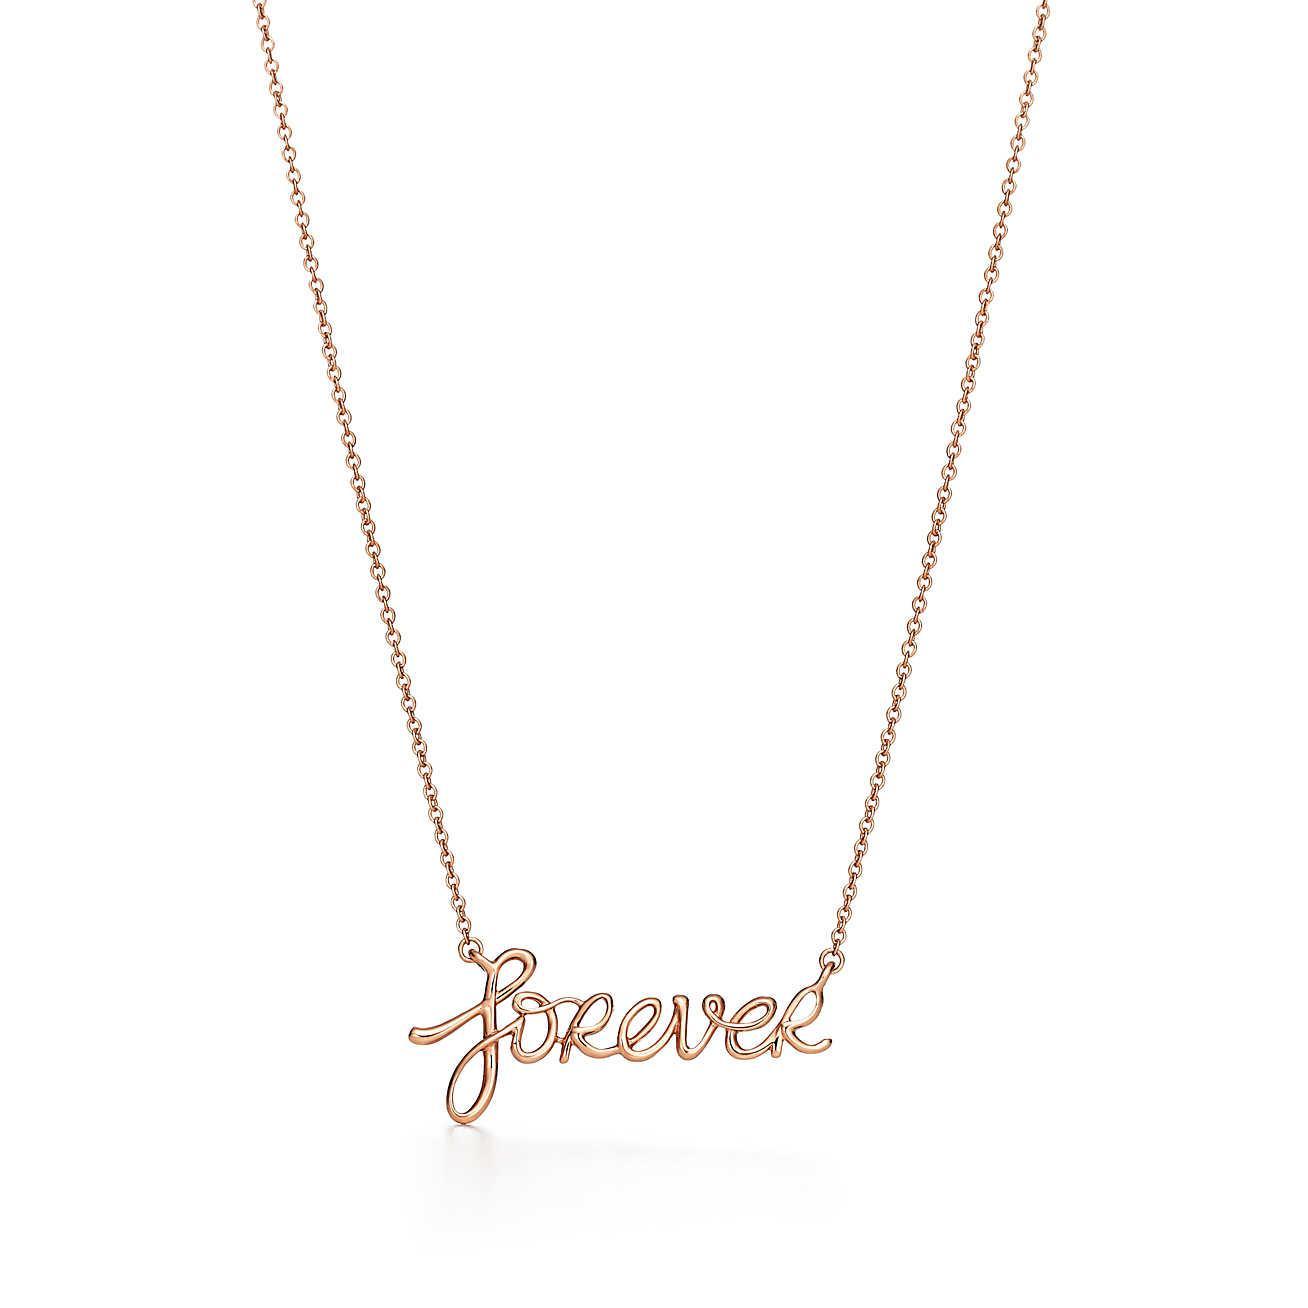 185f0dc3f16b Tiffany   Co. Paloma s Graffiti Forever Pendant In 18k Rose Gold in ...